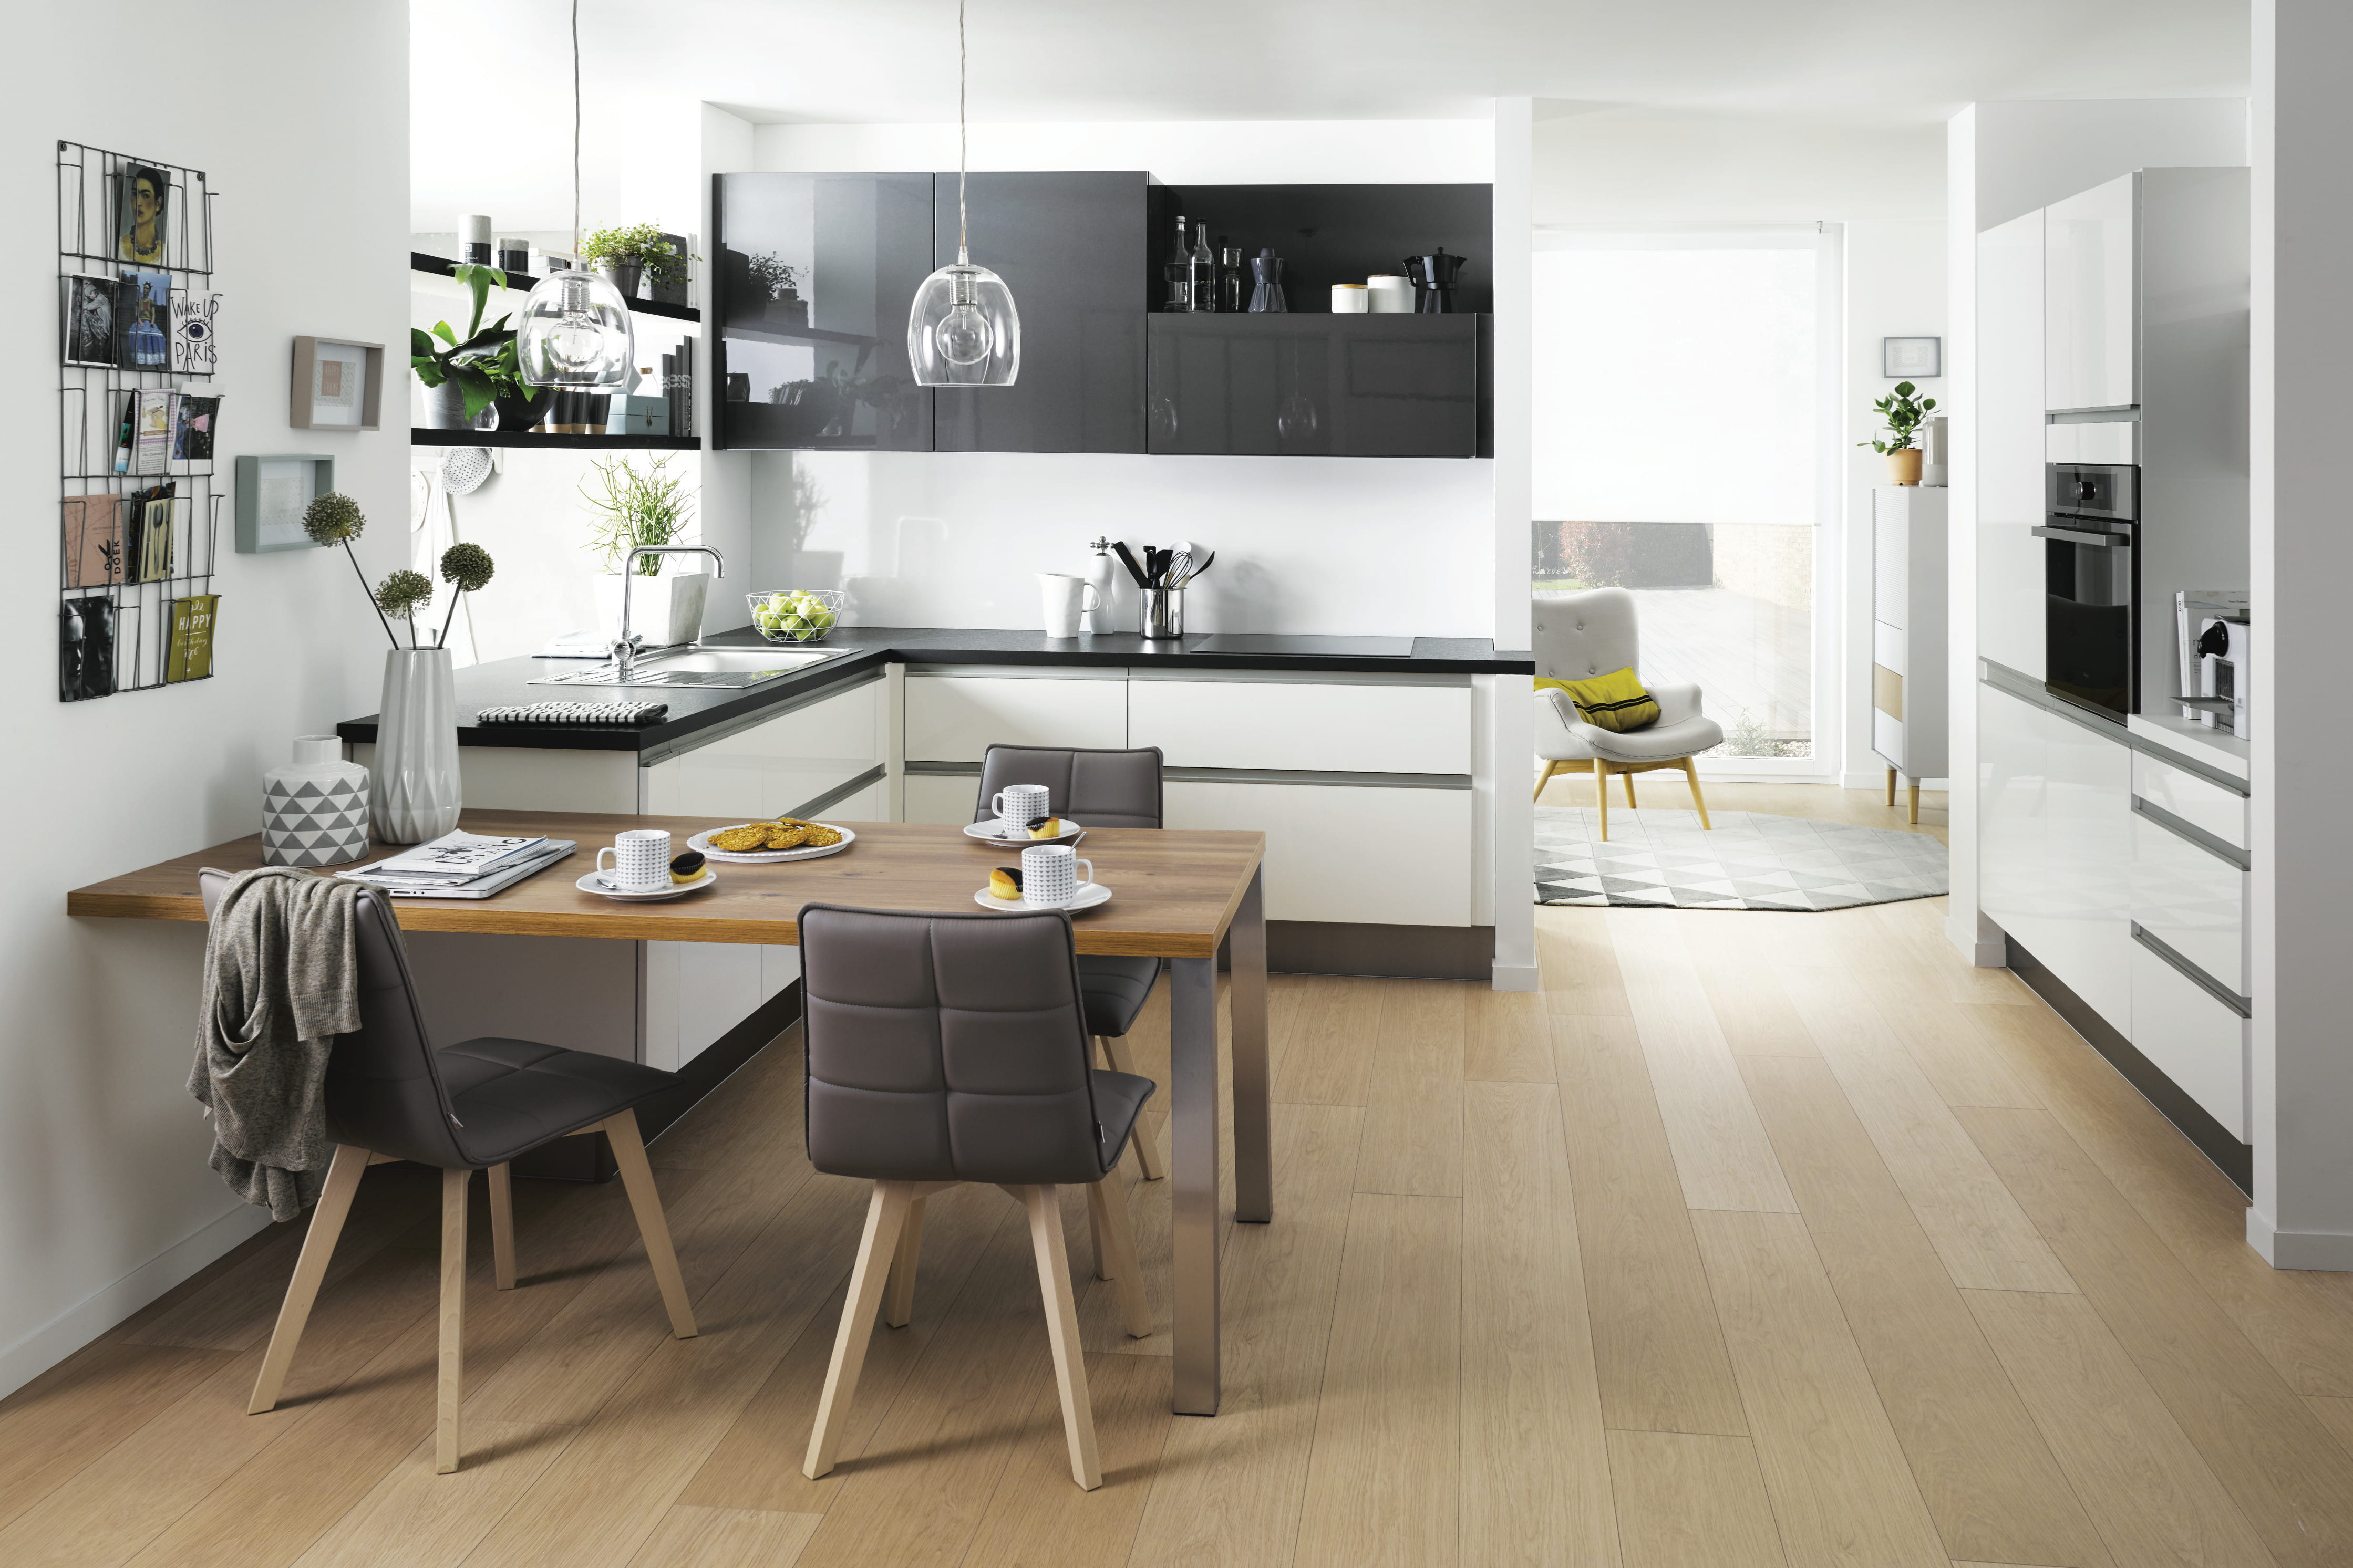 Deco Salon Moderne Design : La cuisine Cuisinella en 10 modèles  Journal des Femmes